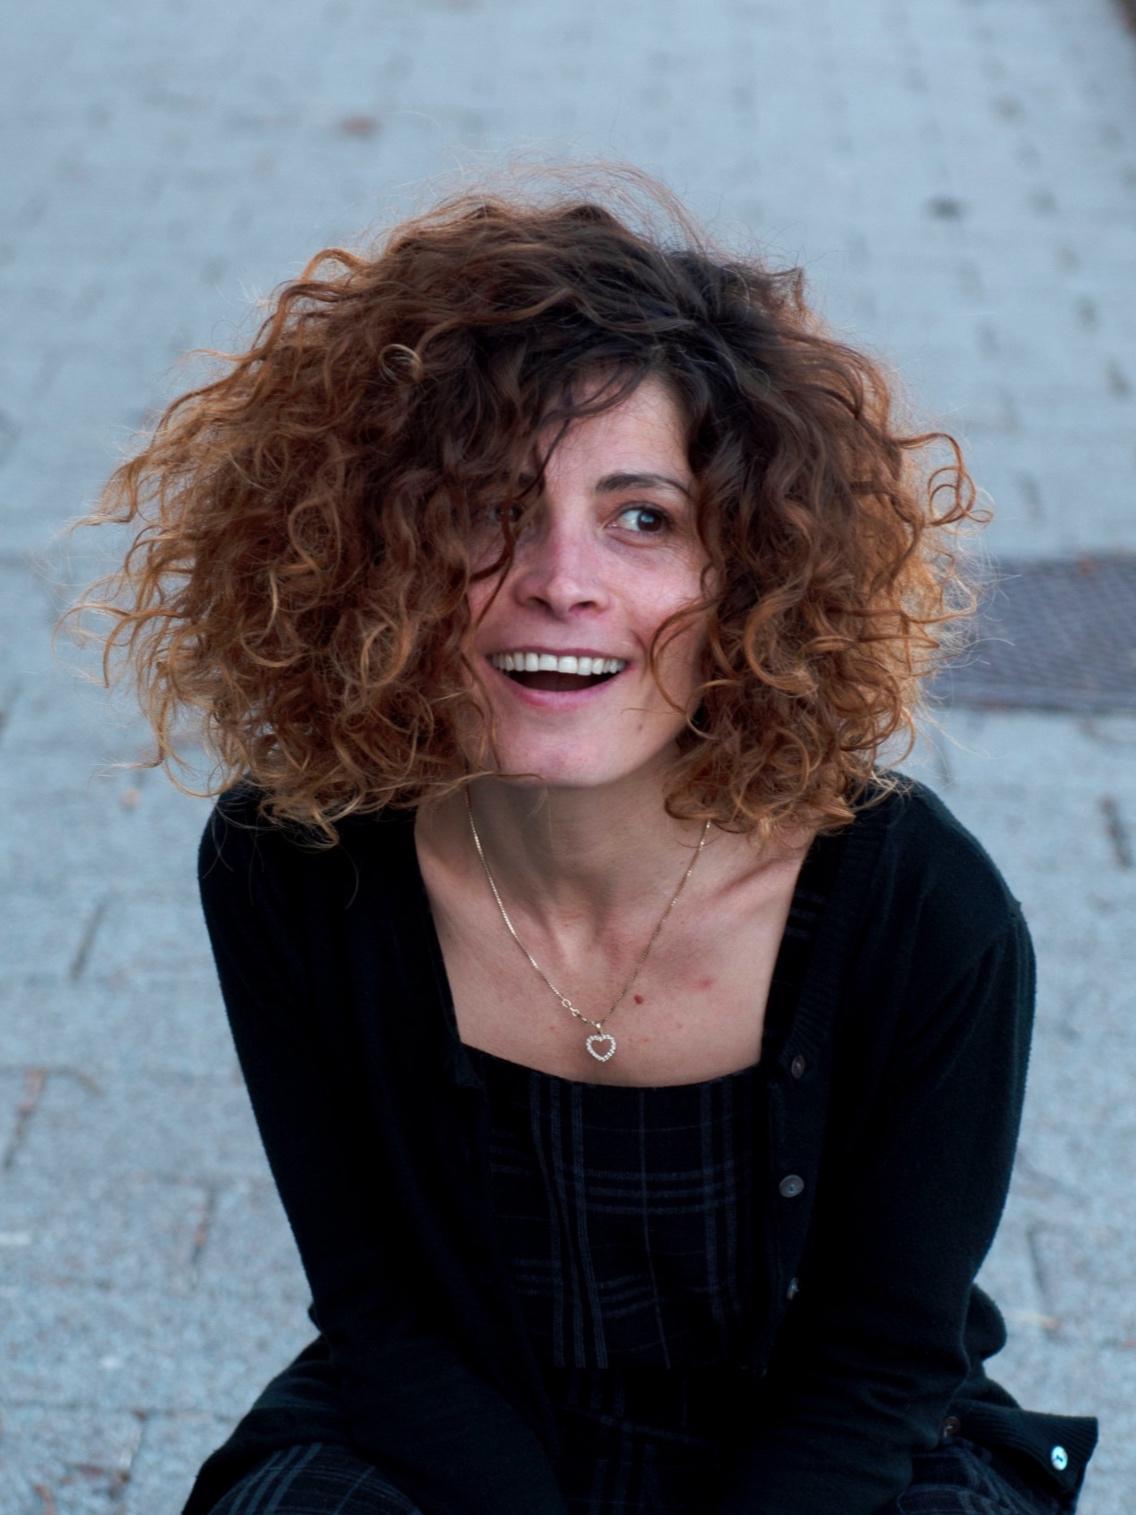 DARIN HANSEN A.K.A. DARO   Filminstruktør   Daro studerede journalistik på Damaskus universitet, og har arbejdet med et utal af forskellige medie-platforme. Hun har arbejdet med historie- og filmprojekter for børn og unge i Libanon, Jordan, Syrien og Grækenland. Pt. arbejder hun på en dokumentarfilm om syriske flygtninge i Libanon.